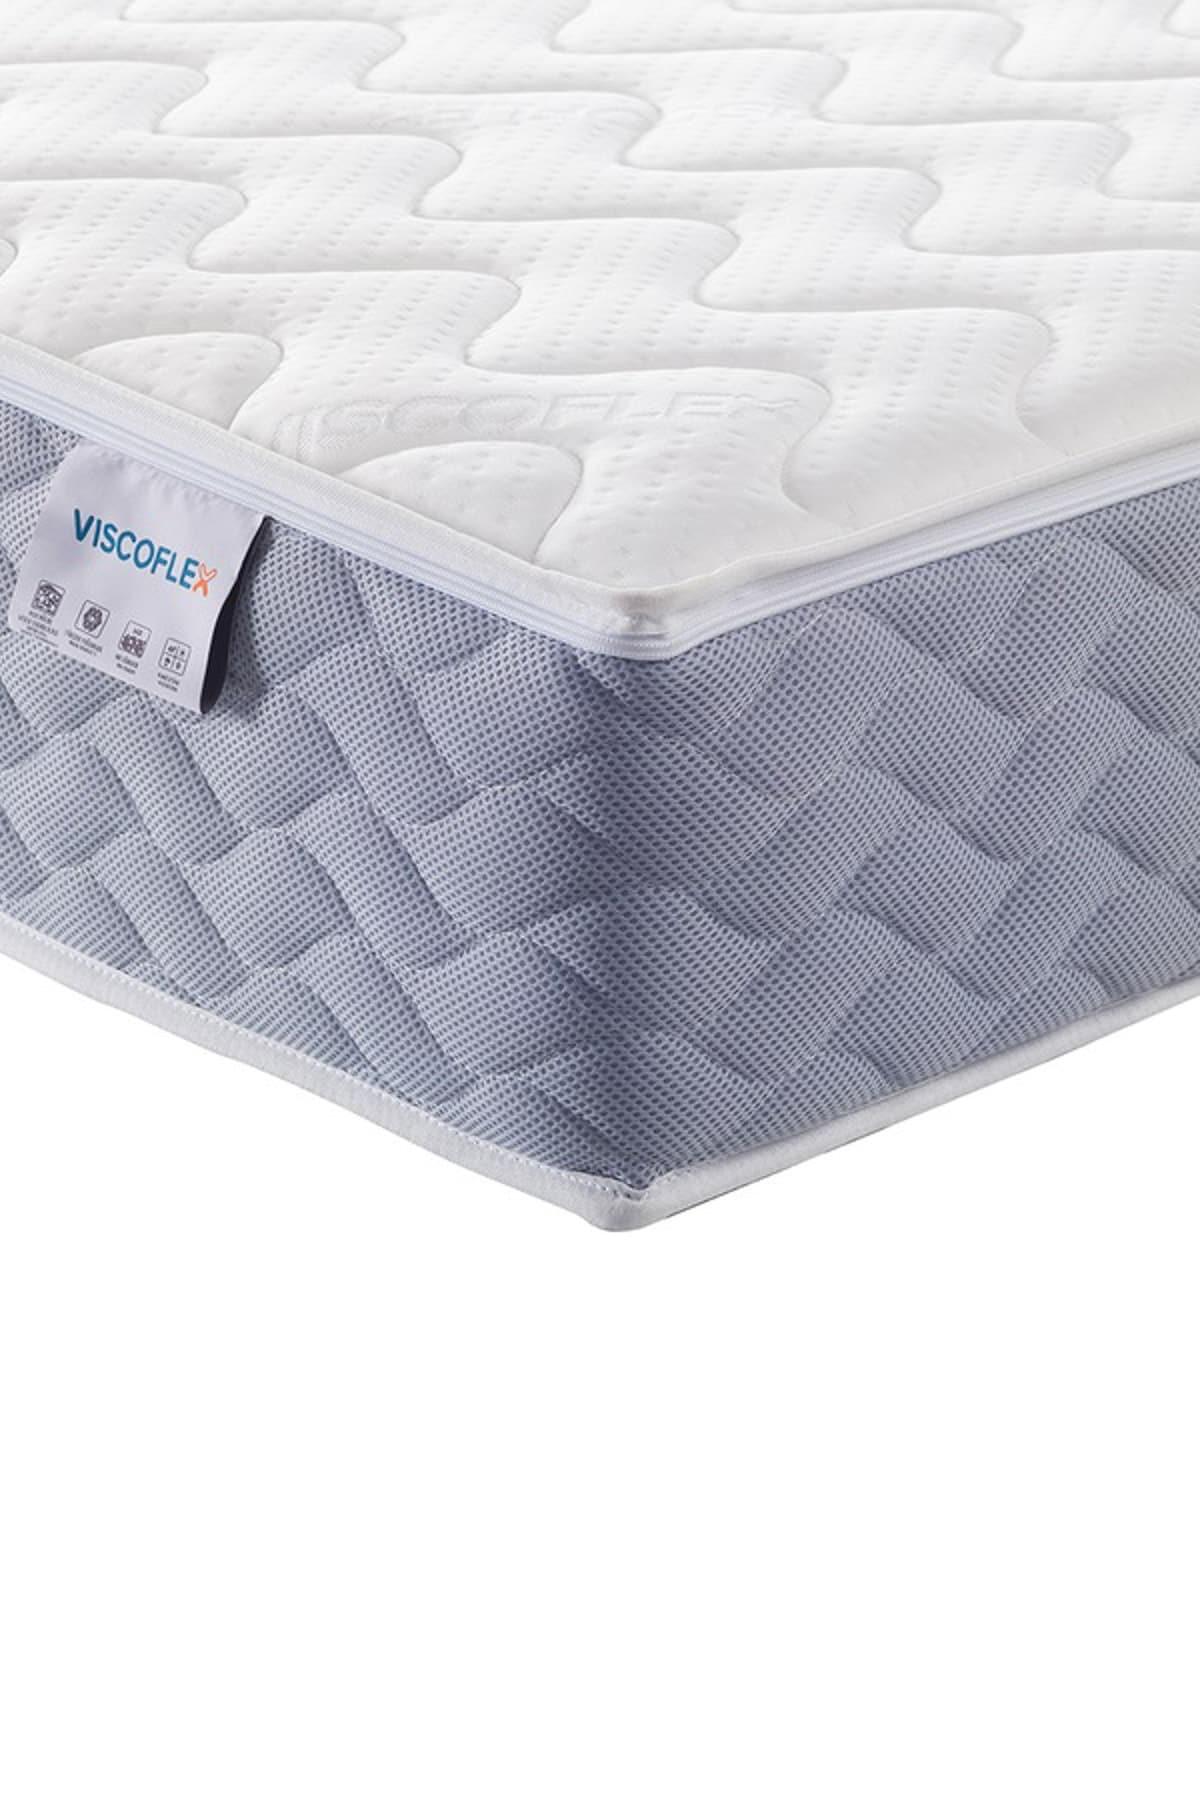 İşbir Yatak Viscoflex 21cm Visco Yatak